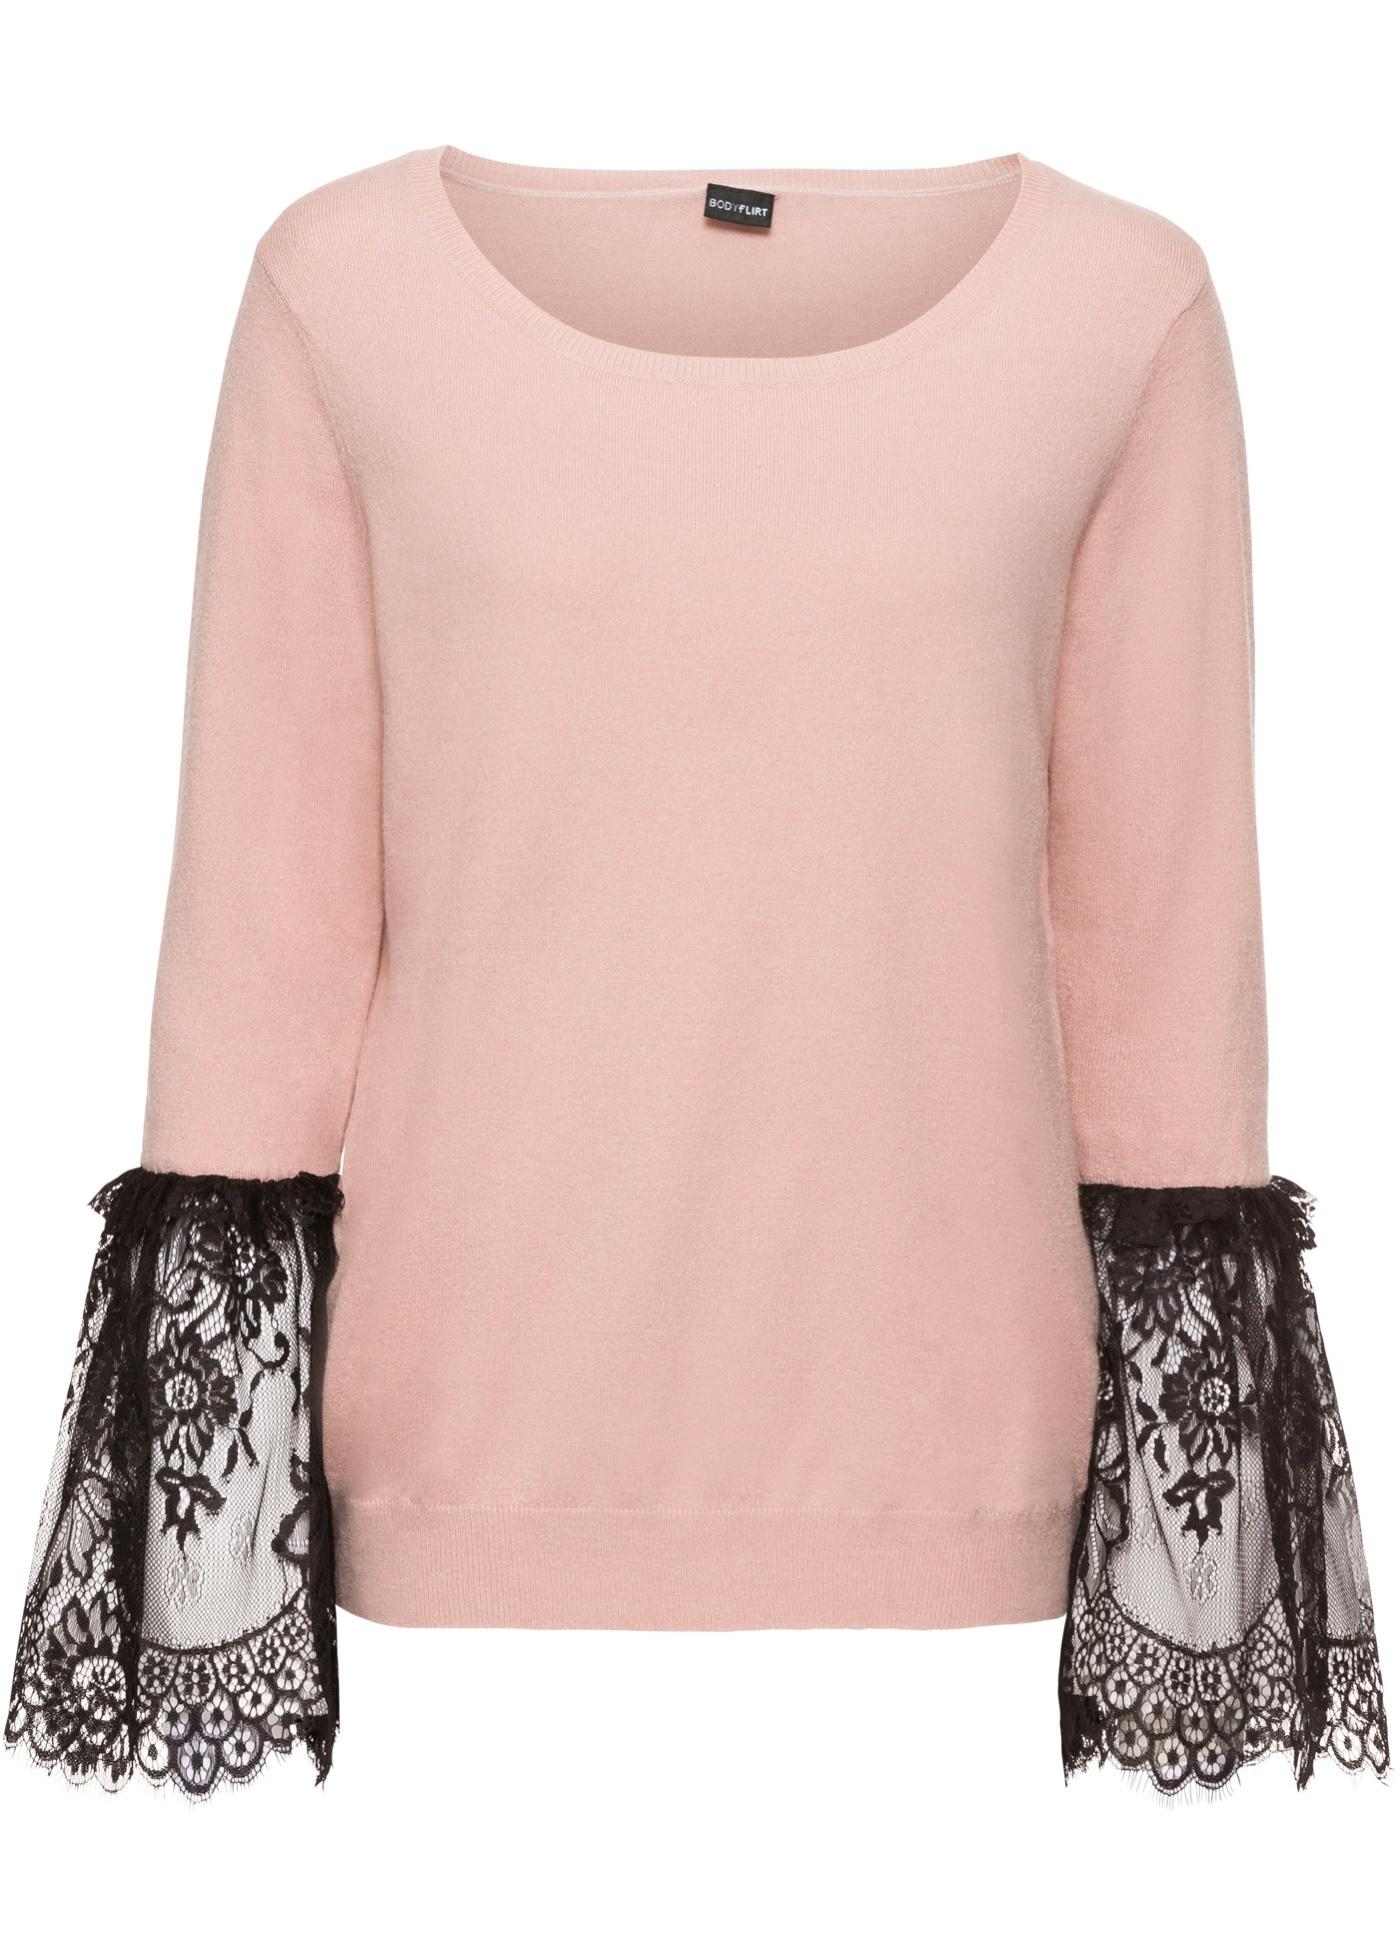 Pullover mit Spitzenbesatz am Ärmel jetztbilligerkaufen